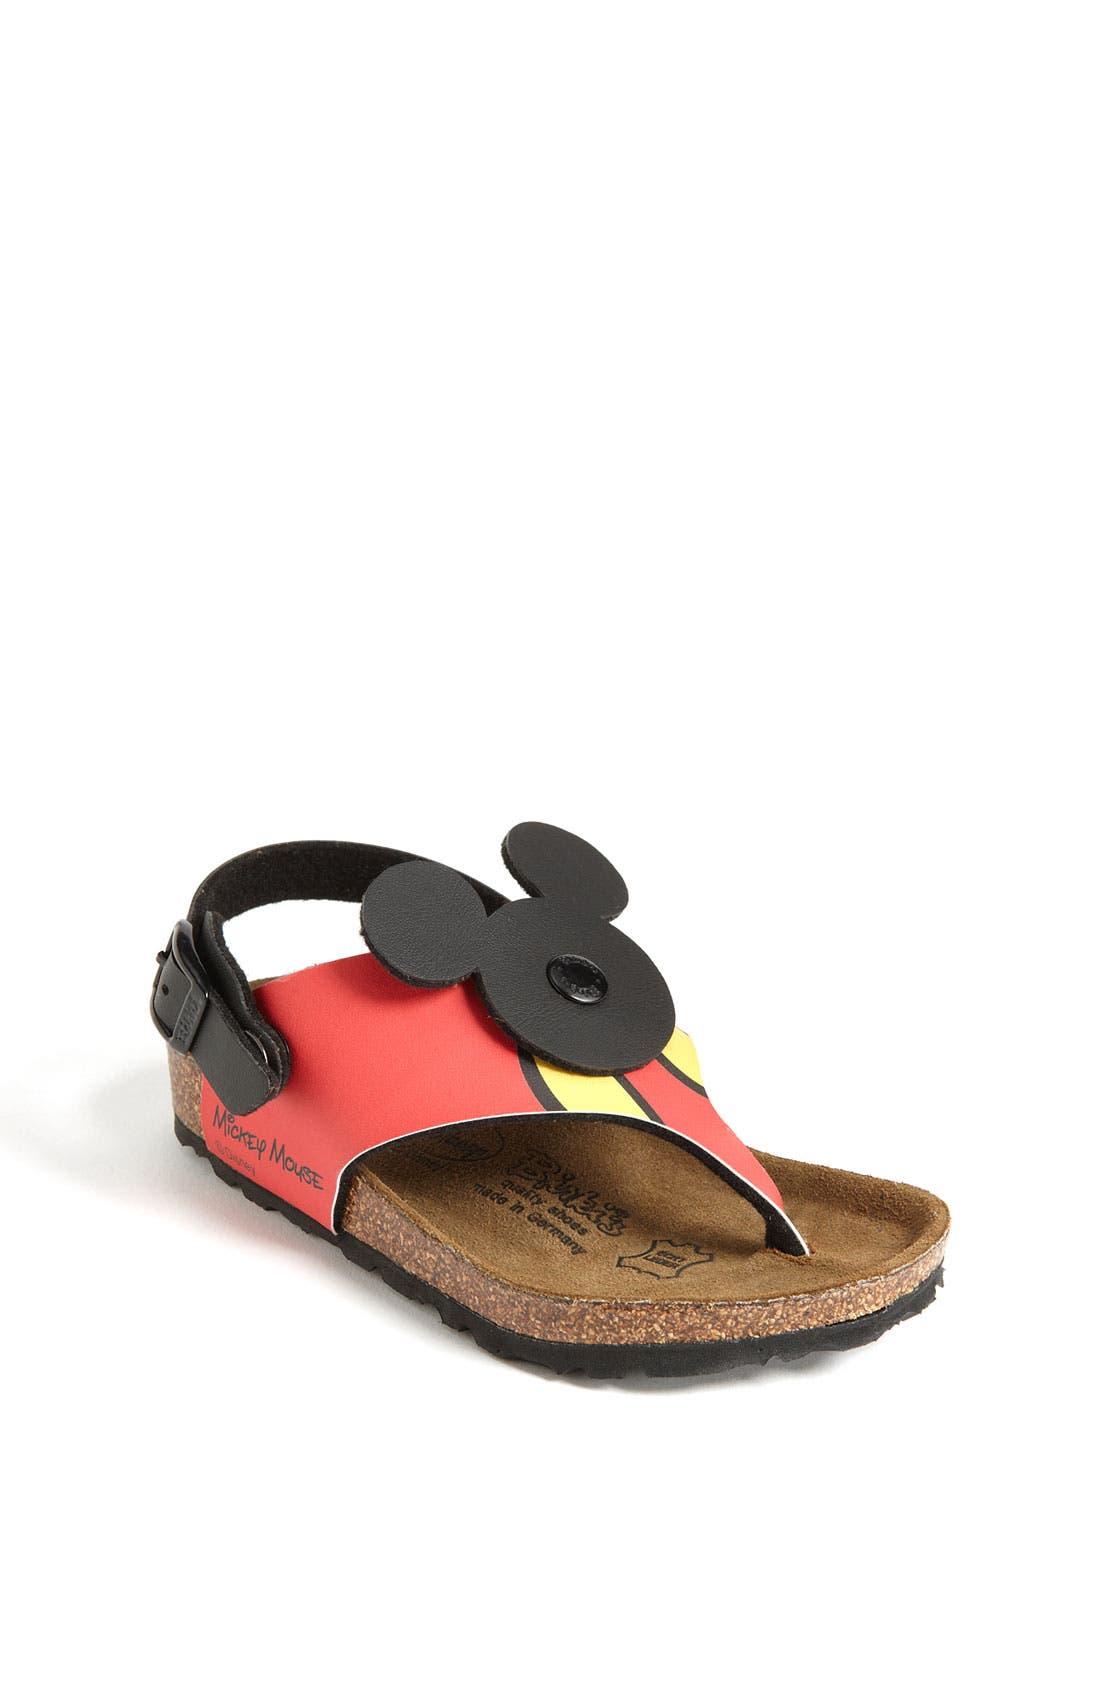 Main Image - Birki's® Kids 'Sumatra Mickey' Thong Sandal (Toddler & Little Kid)